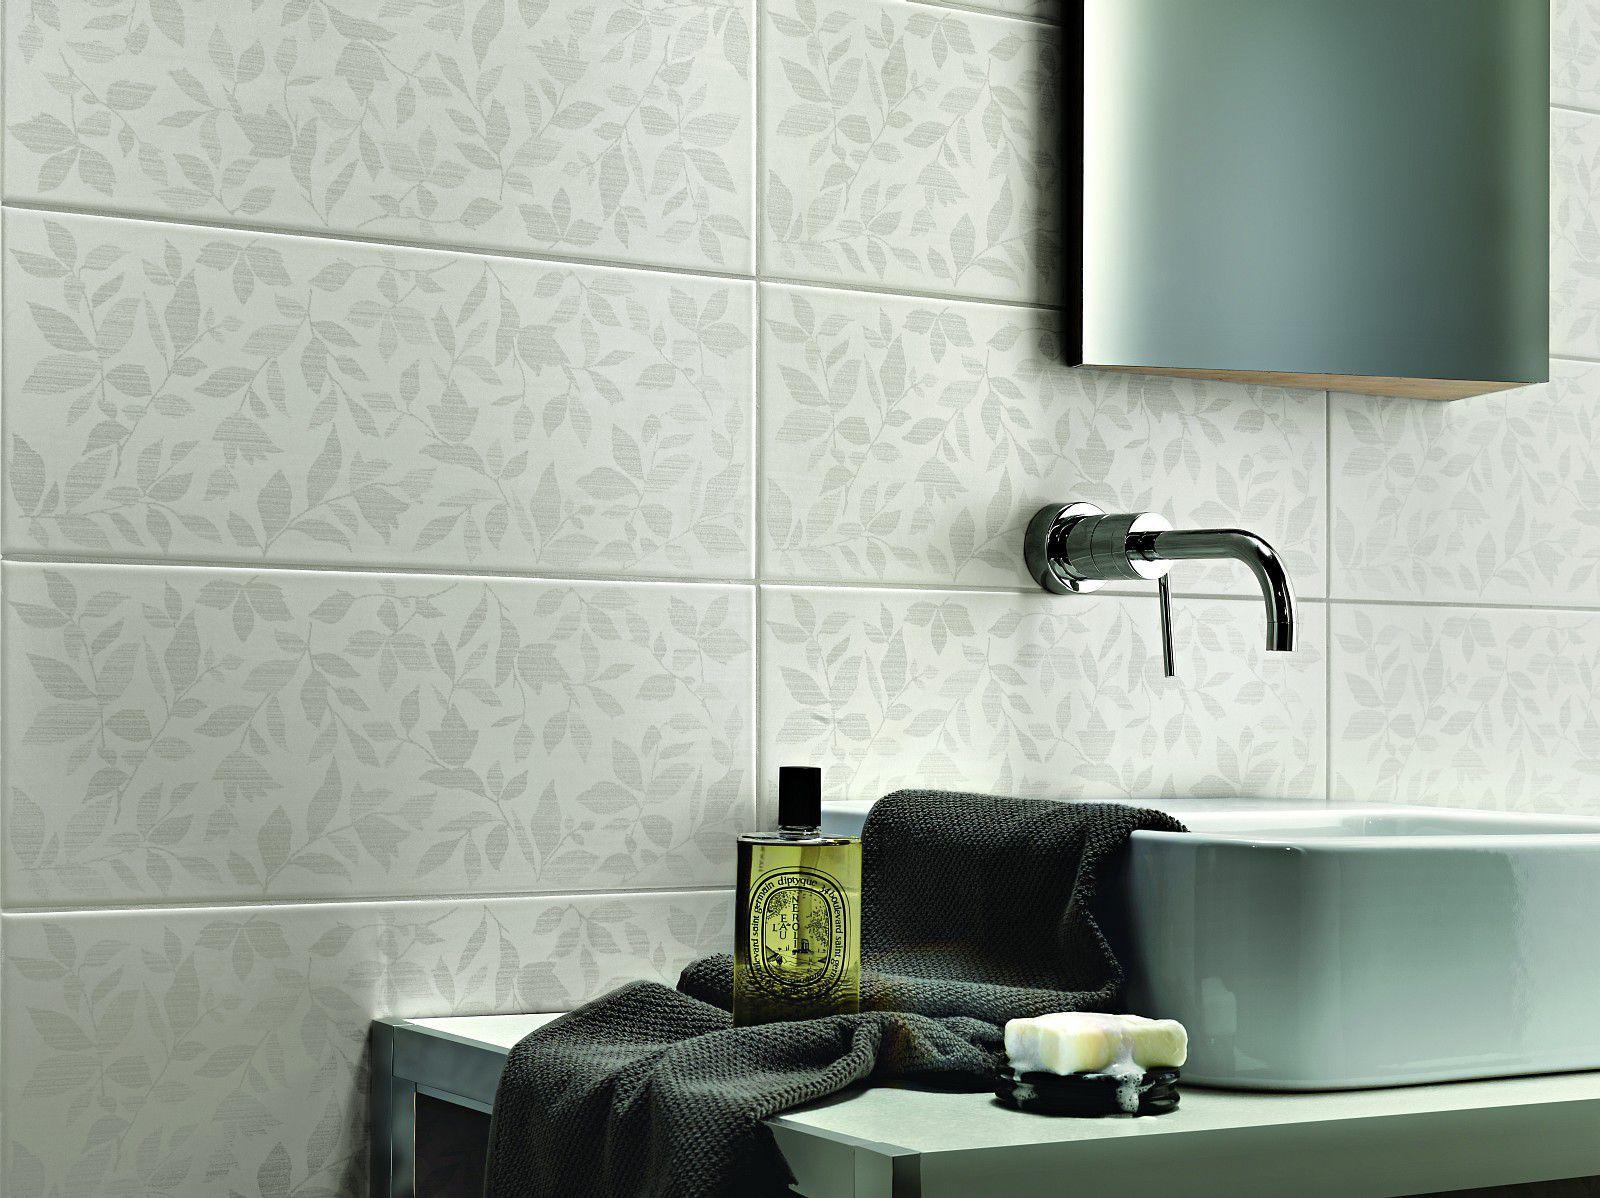 Piastrella da bagno da cucina da parete in ceramica time